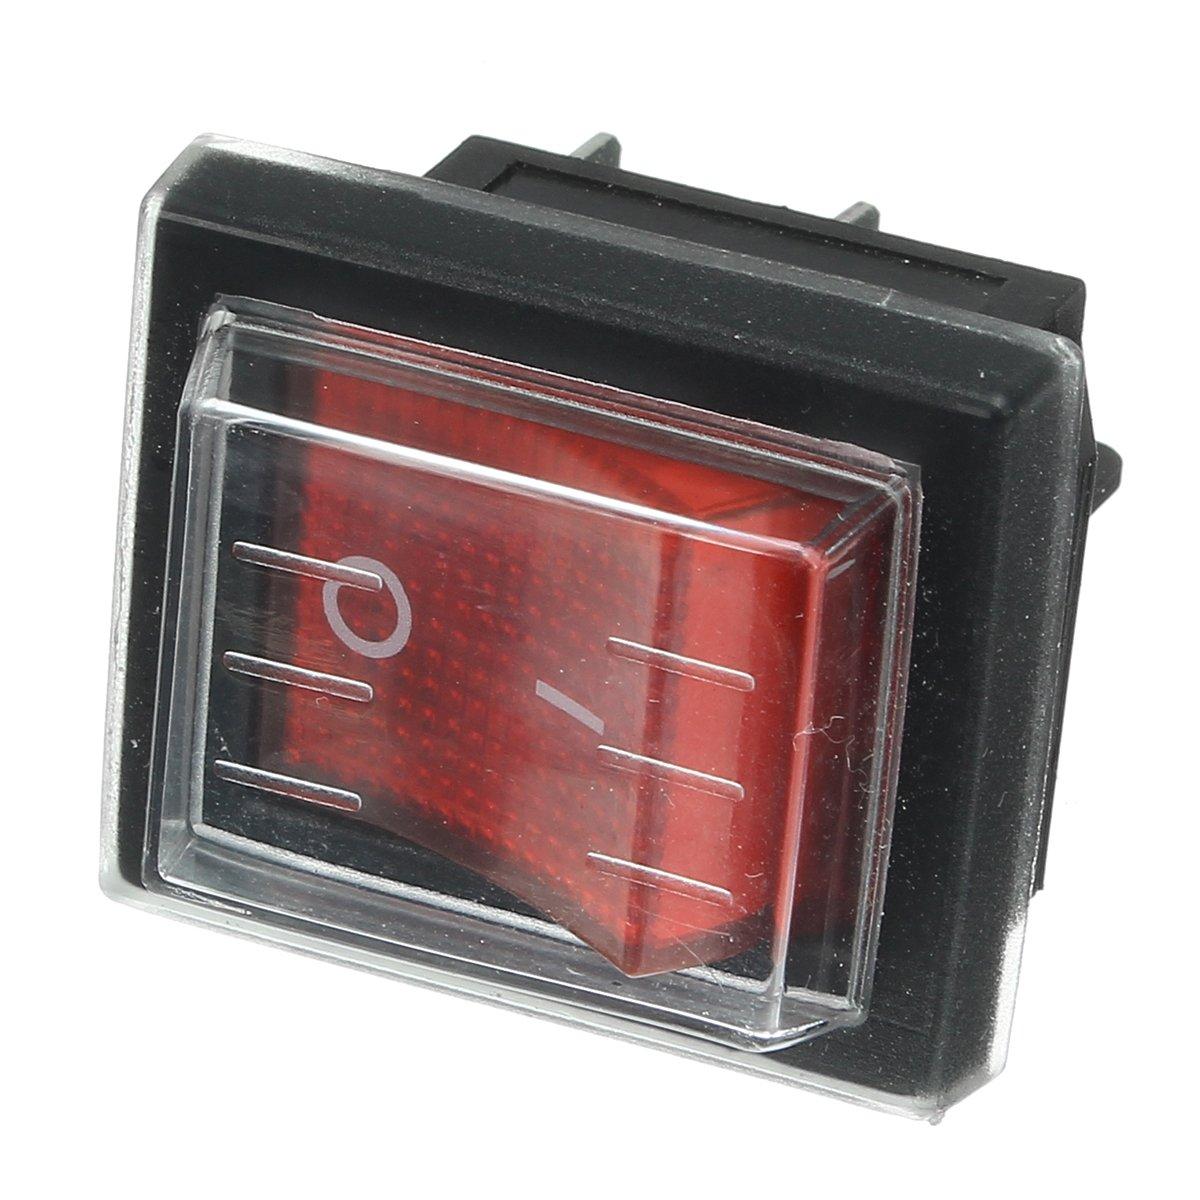 220V16A 20A 125V on//Off Interrupteur /étanche Rechange Rouge commutateur pour Les Machines Aspiration Vide industrielles Ils